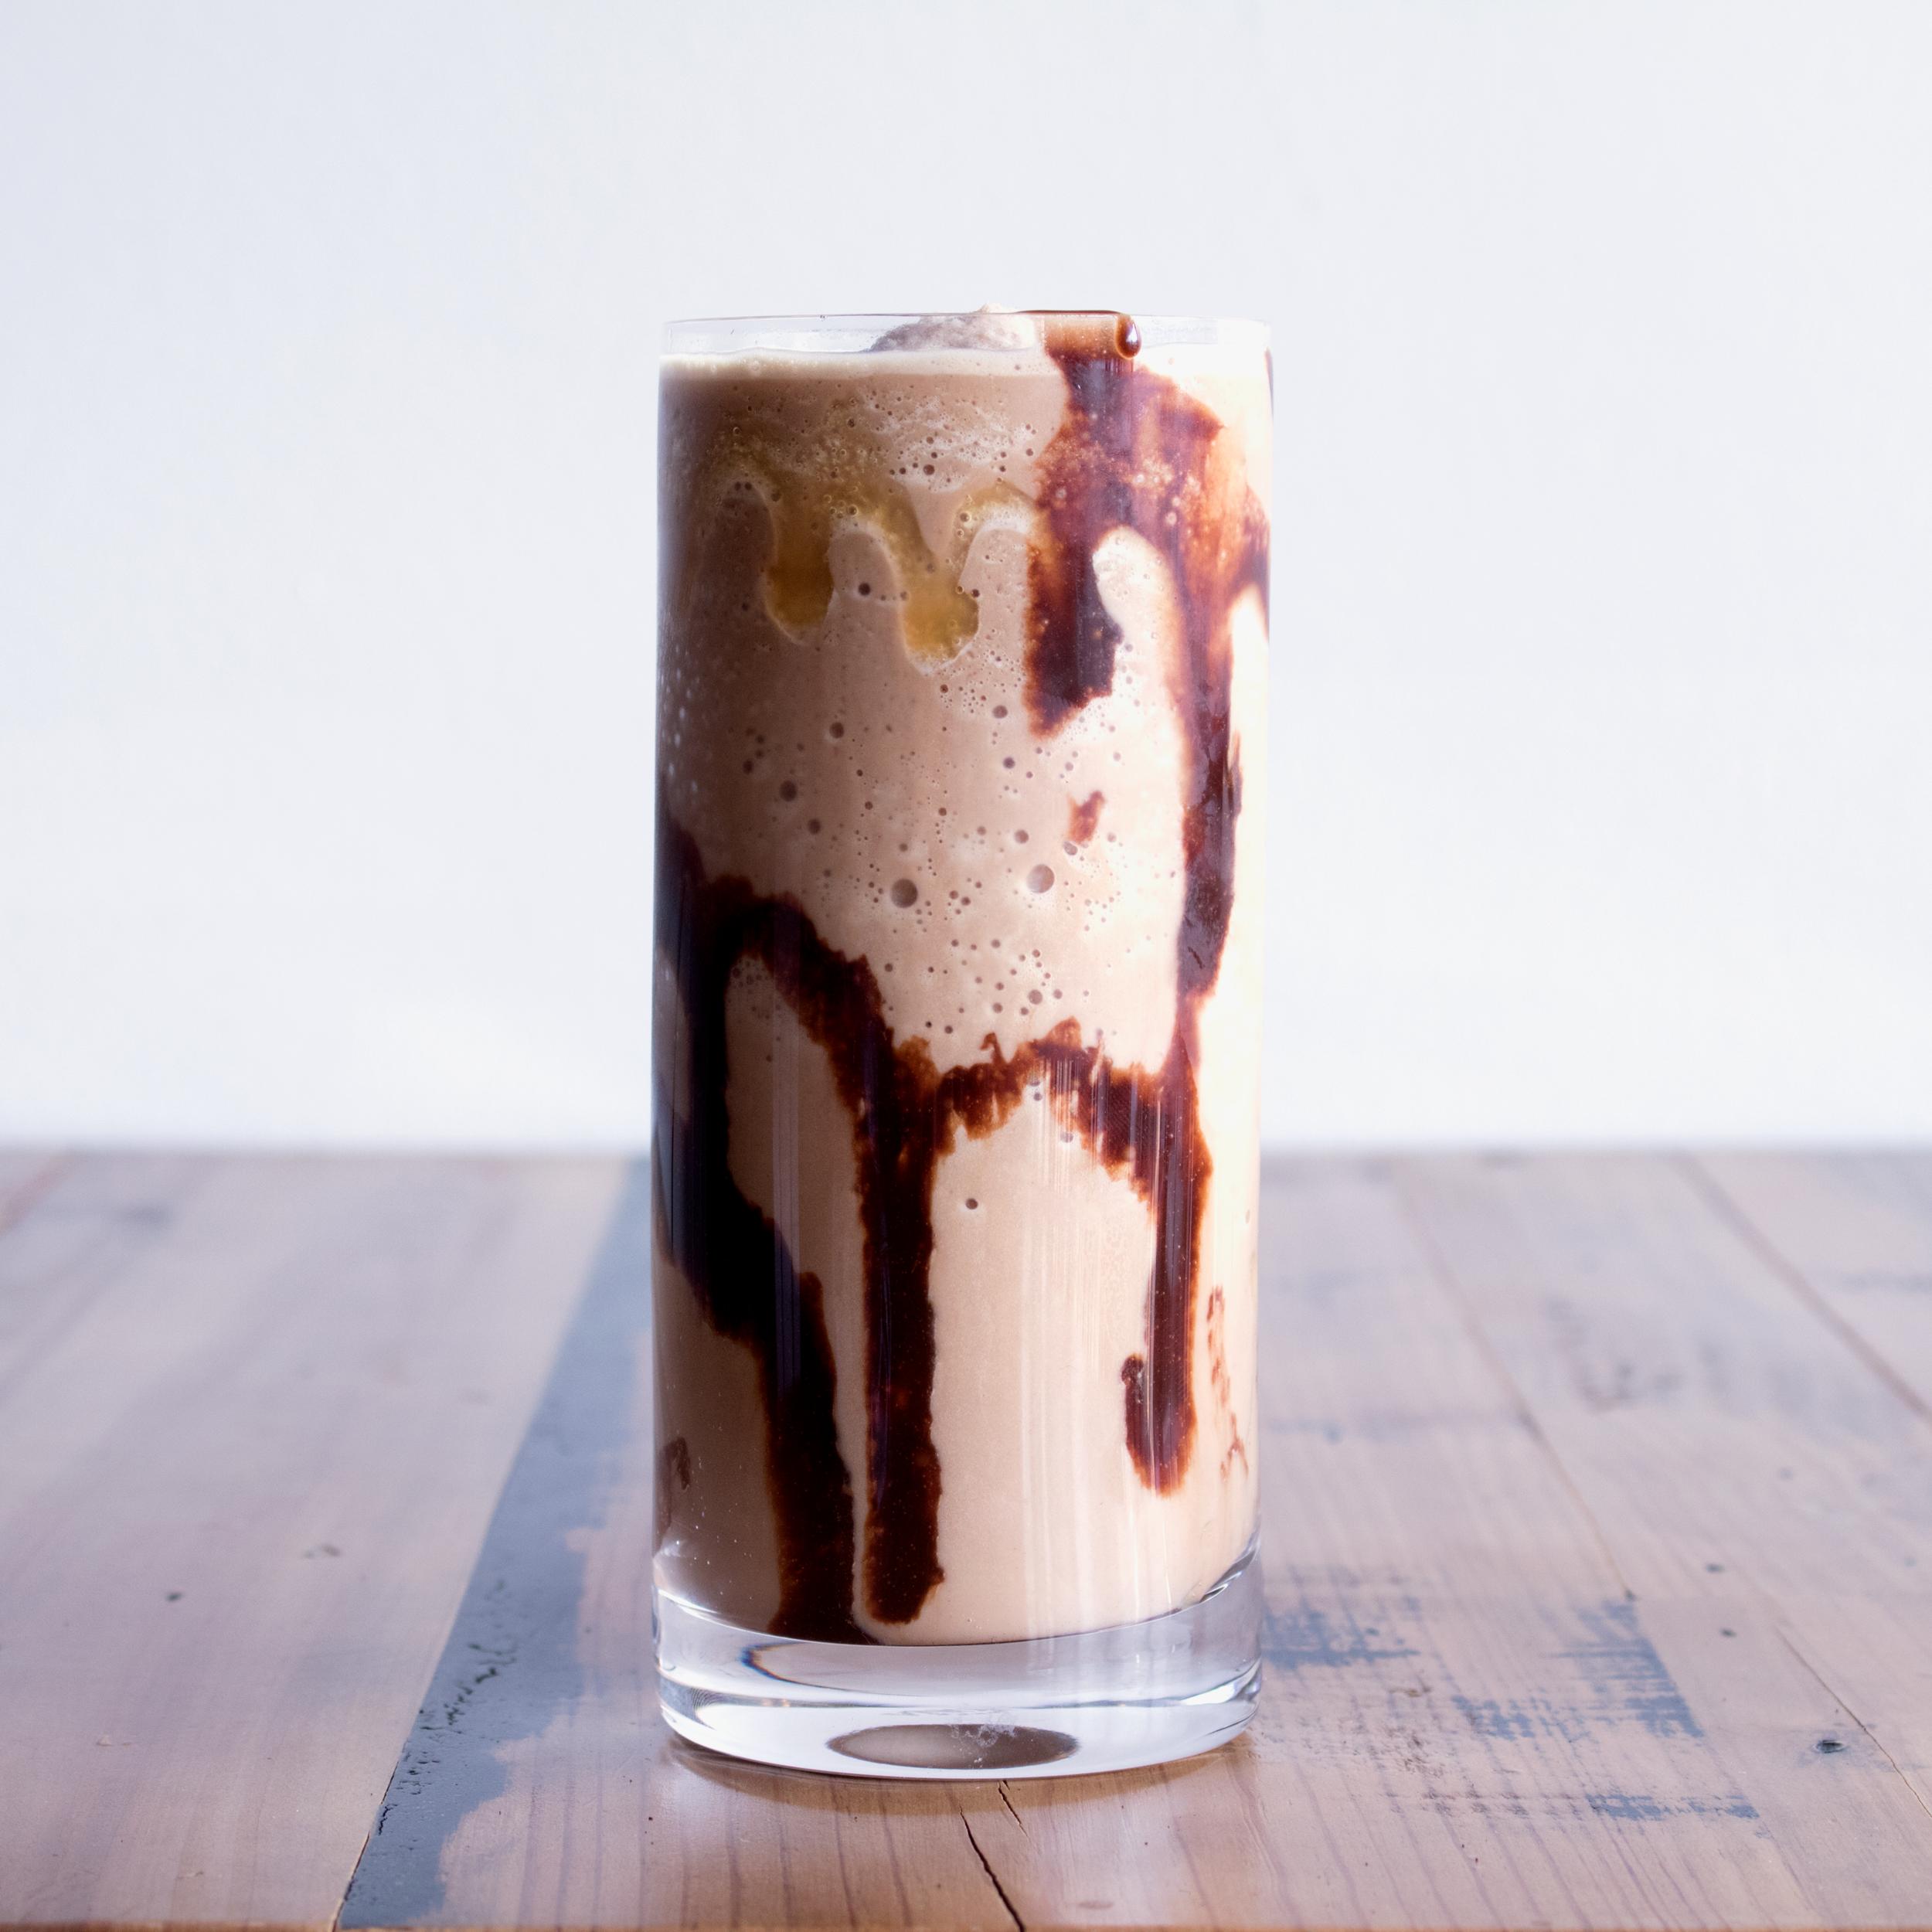 Caramel Mocha Frappé - Espresso + Chocolate + Caramel + Milk